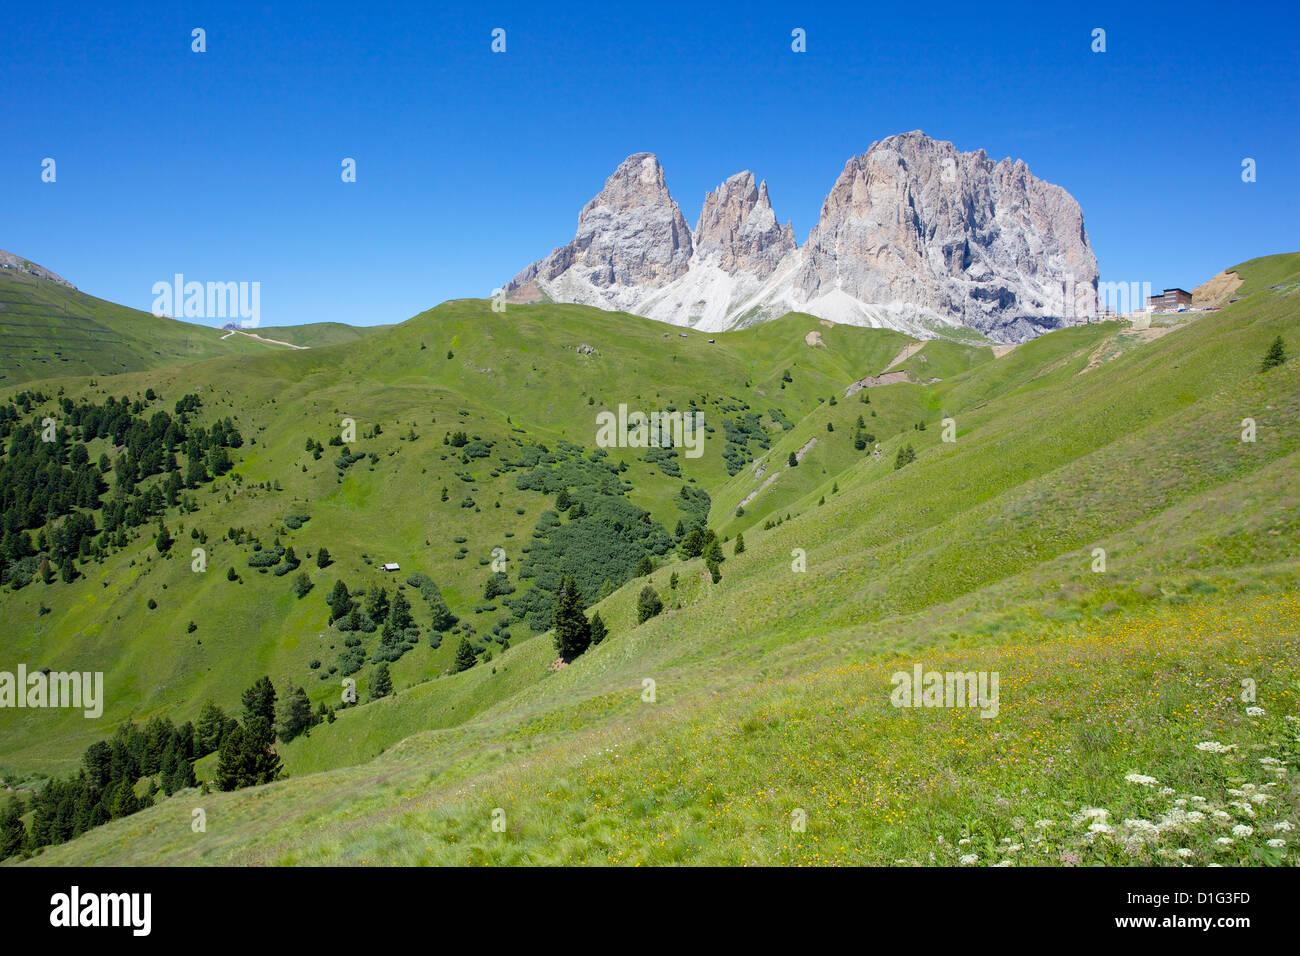 Sassolungo Group, Sella Pass, Trento and Bolzano Provinces, Italian Dolomites, Italy, Europe - Stock Image